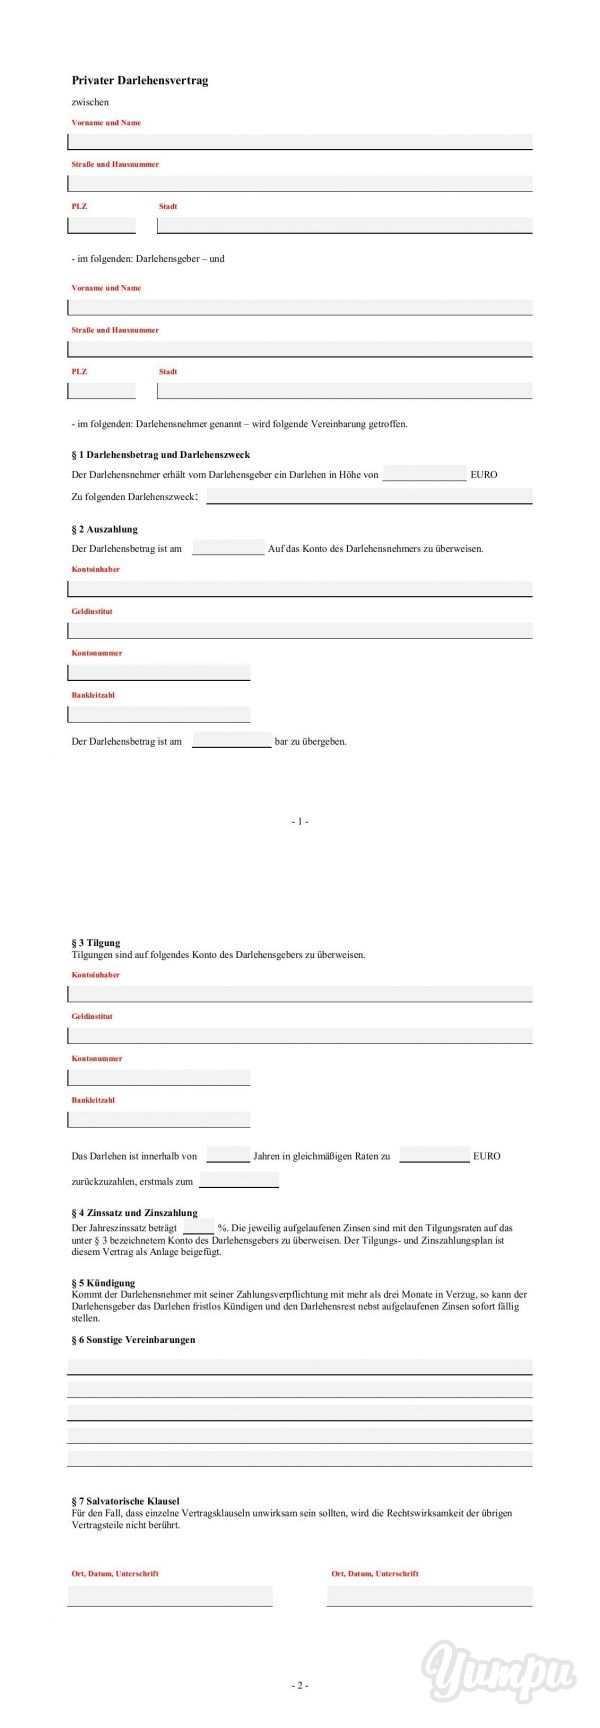 Privater Darlehensvertrag Normarq De Magazine With 3 Pages Privater Darlehensvertrag Normarq De Vertrag Schuldschein Bankleitzahl